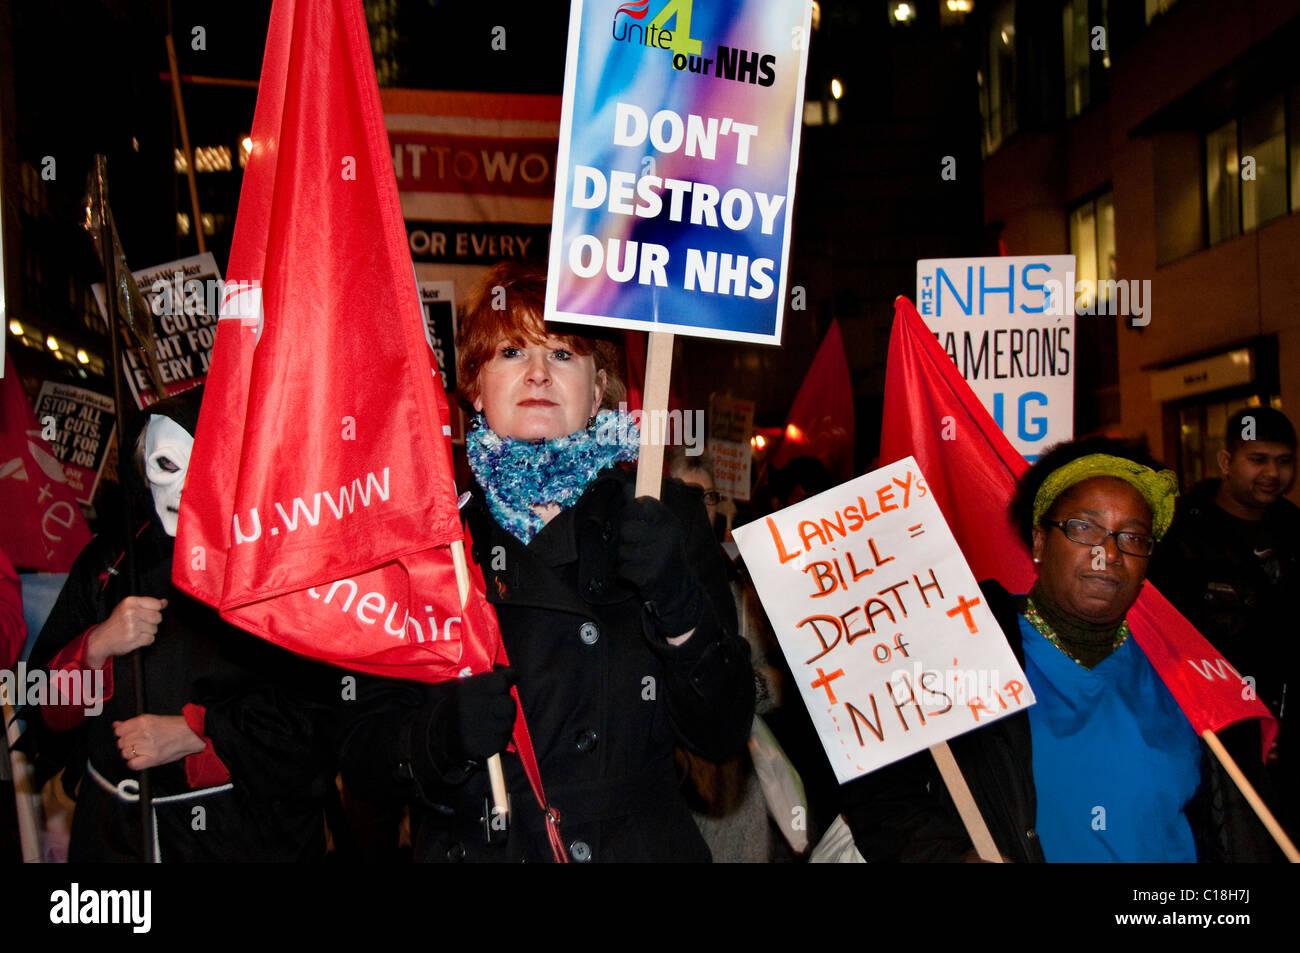 Nationalen Gesundheit Marsch von Royal London Hospital St. Barts Hospital Protest gegen Kürzungen zum Gesundheitswesen Stockbild